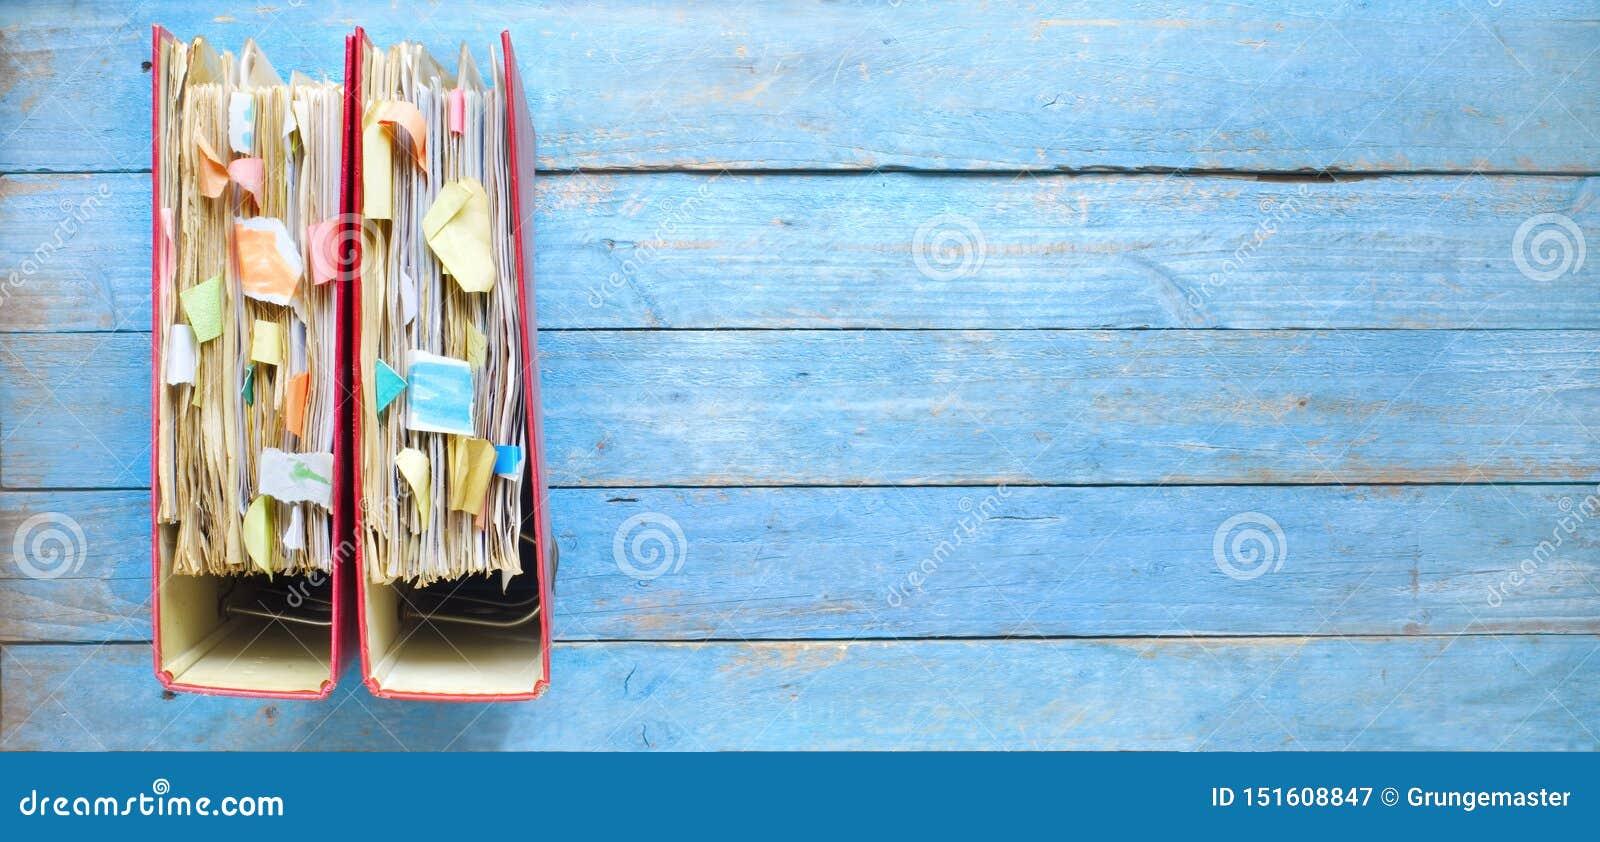 杂乱文件夹和文件行,繁文缛节,官僚概念,全景格式,拷贝空间